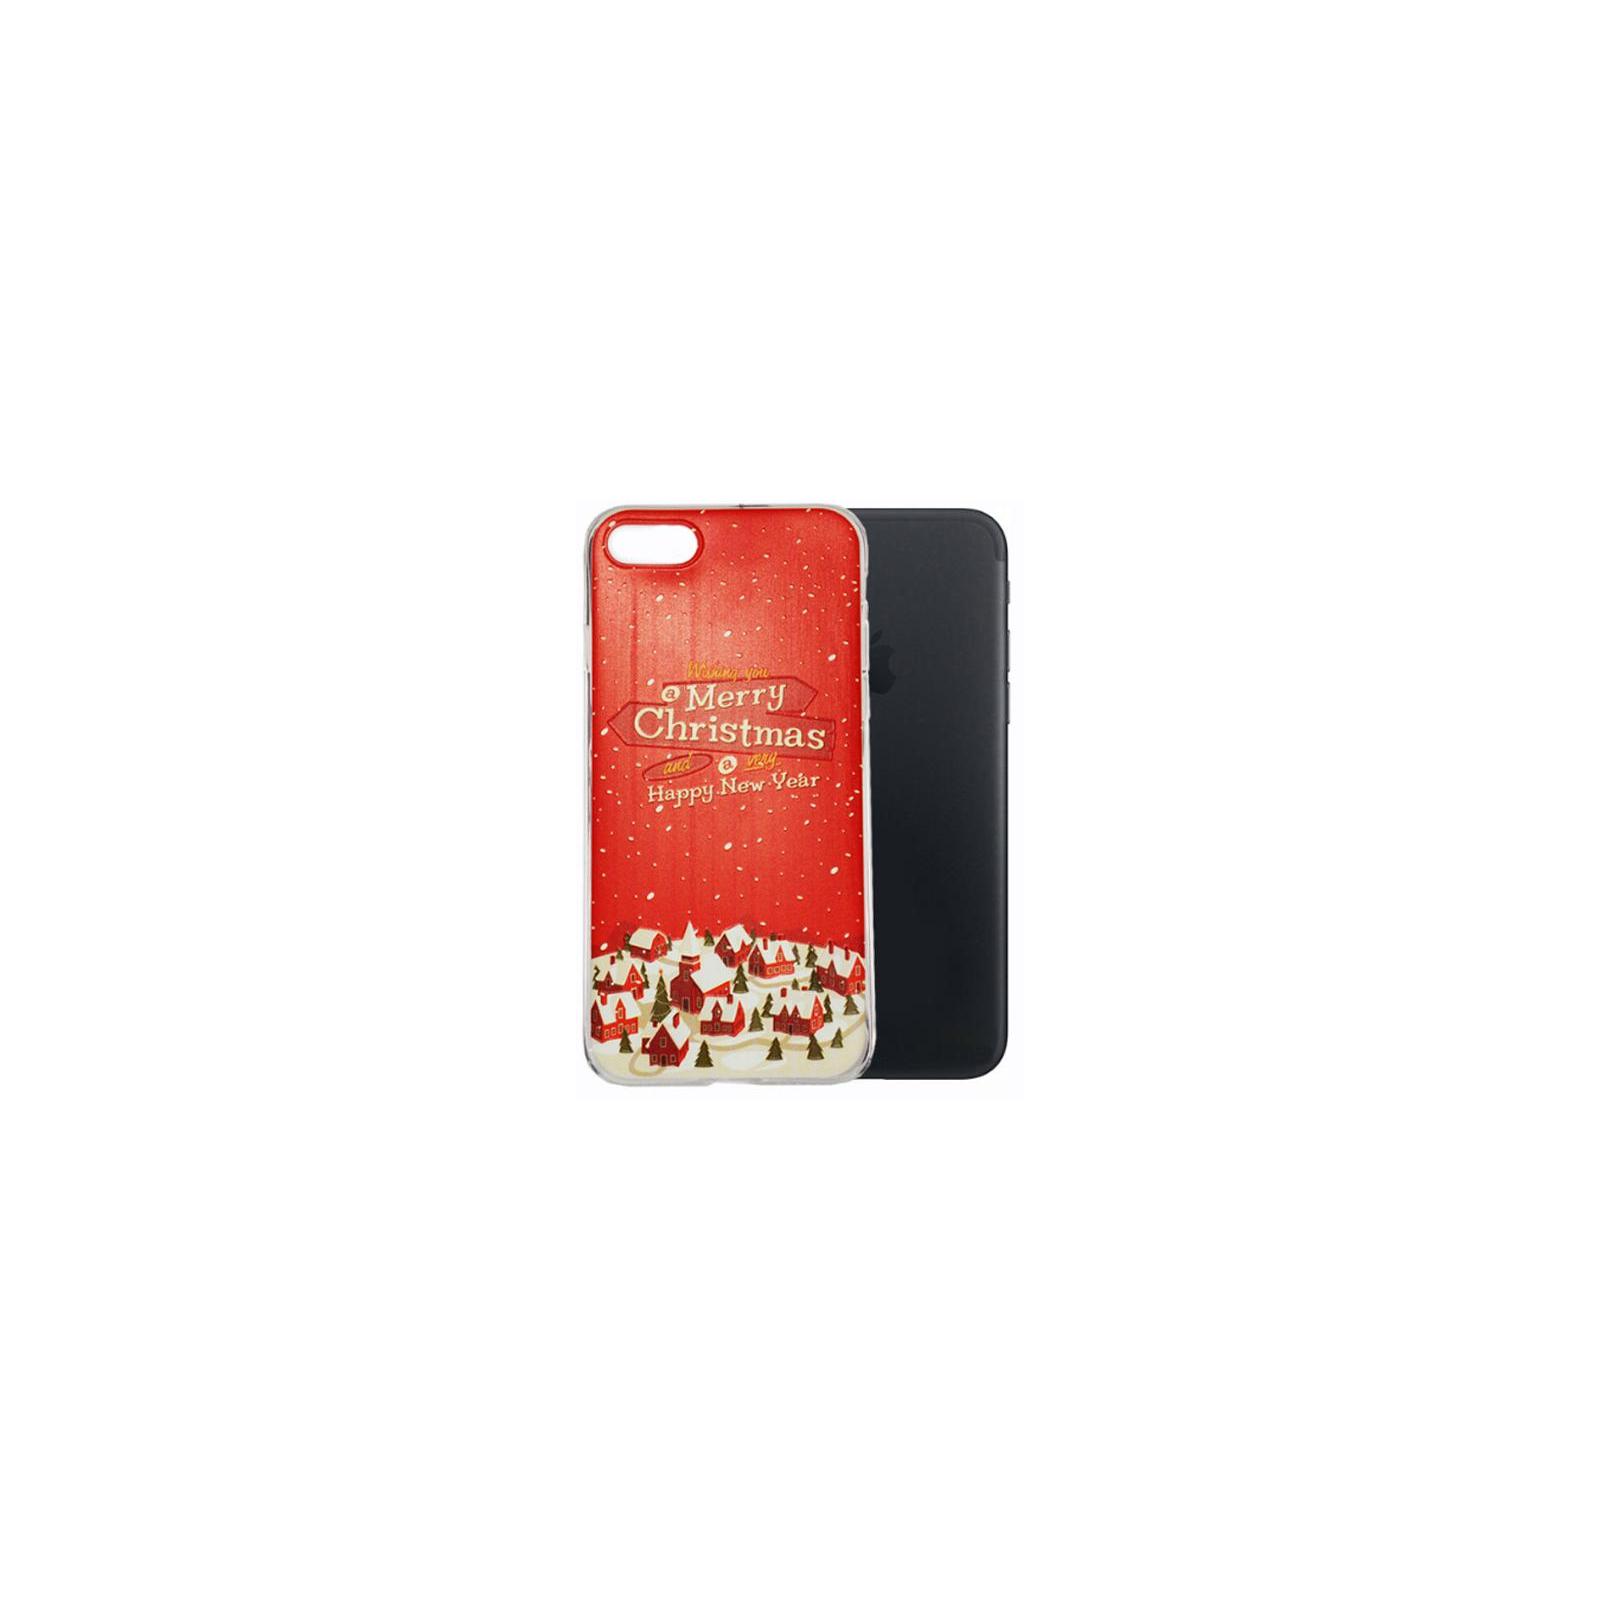 Чехол для моб. телефона Colorway ultrathin TPU case for Apple iPhone 7, pic. Е144 (CW-CTPAI7-TRH) изображение 4